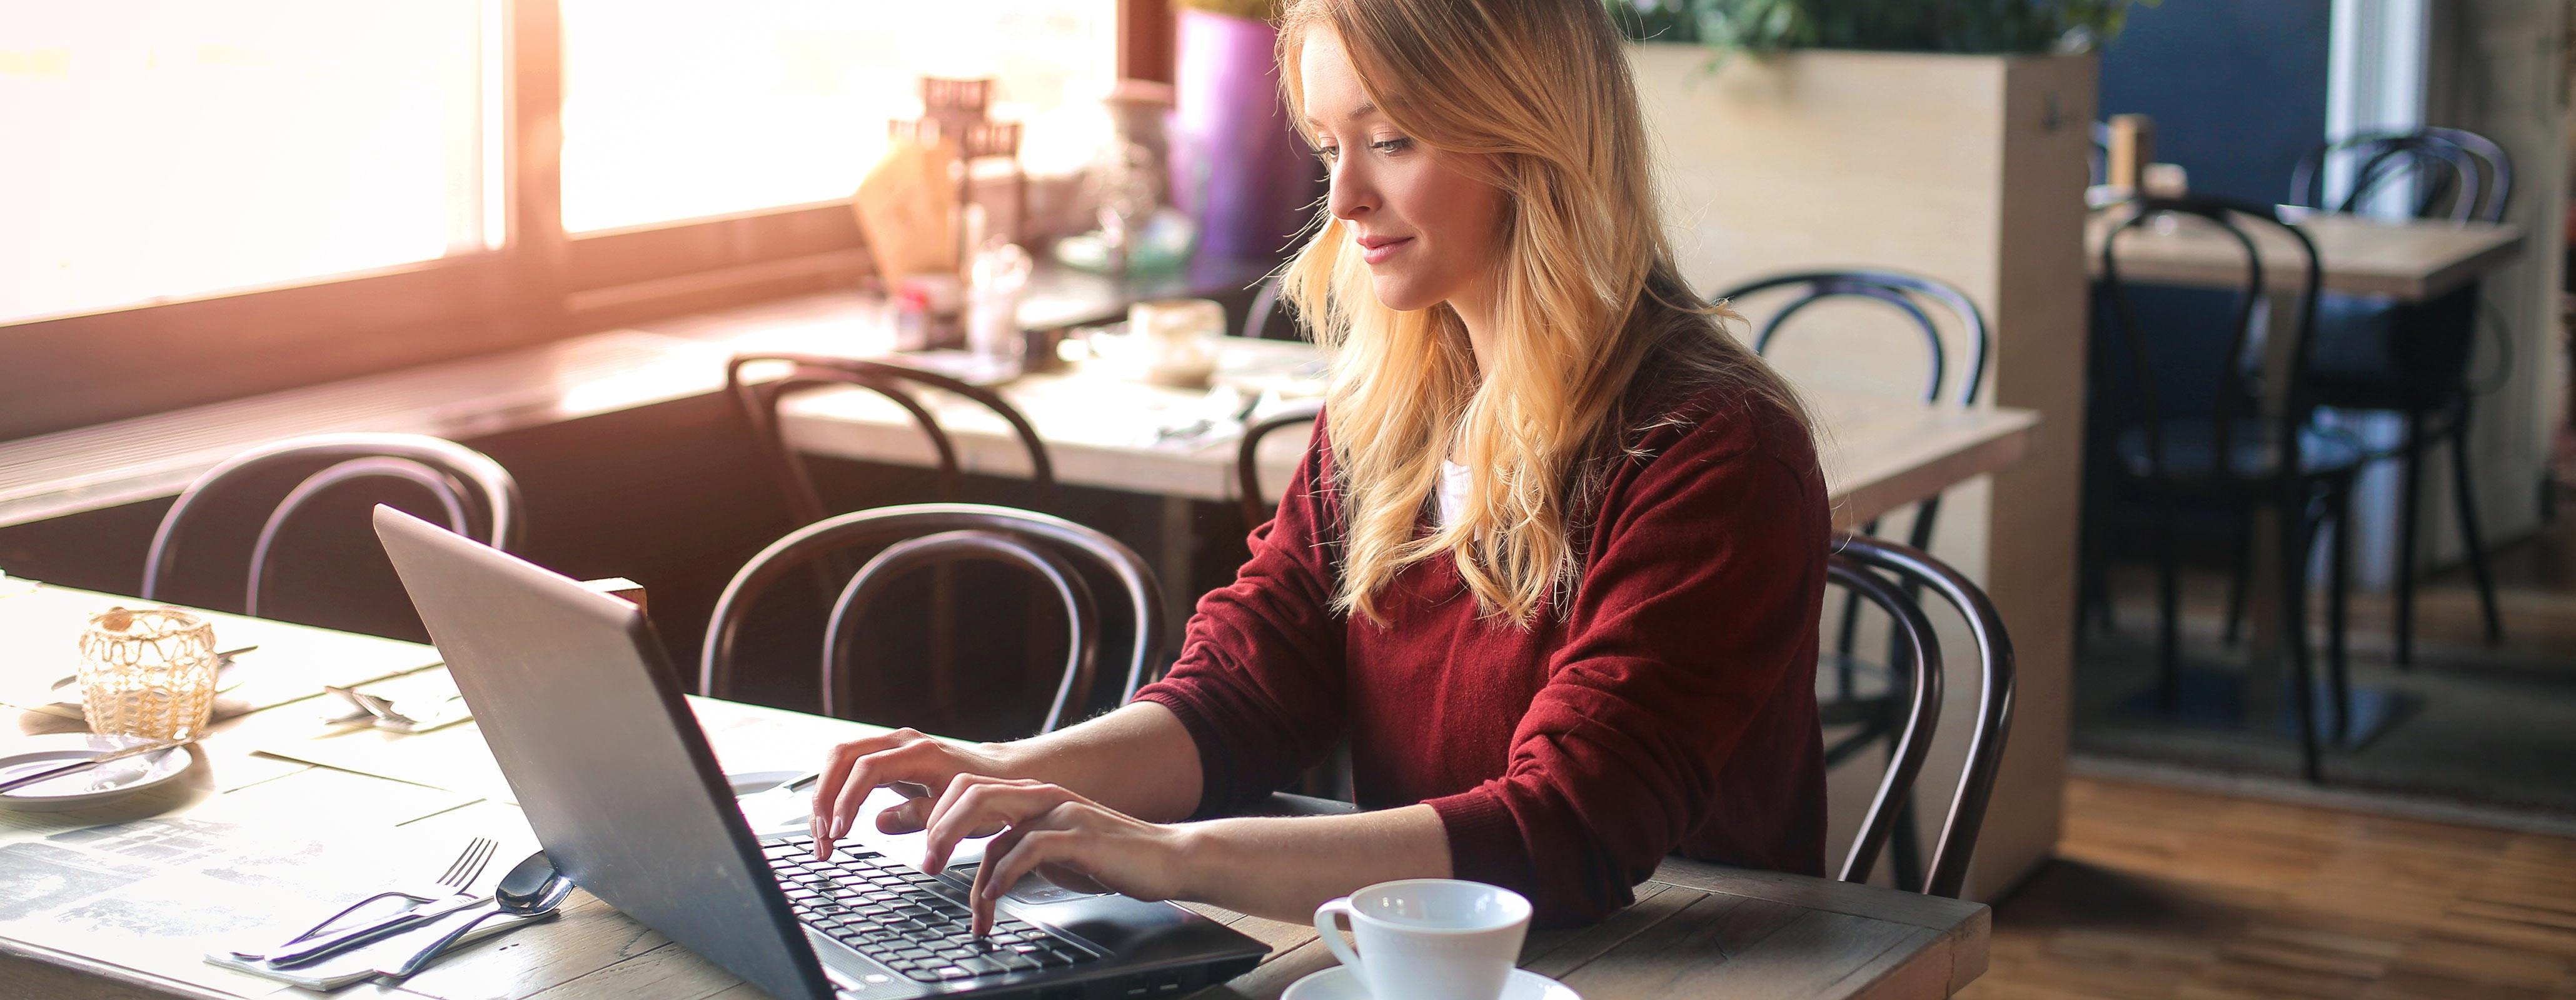 Vrouw in koffietent met laptop